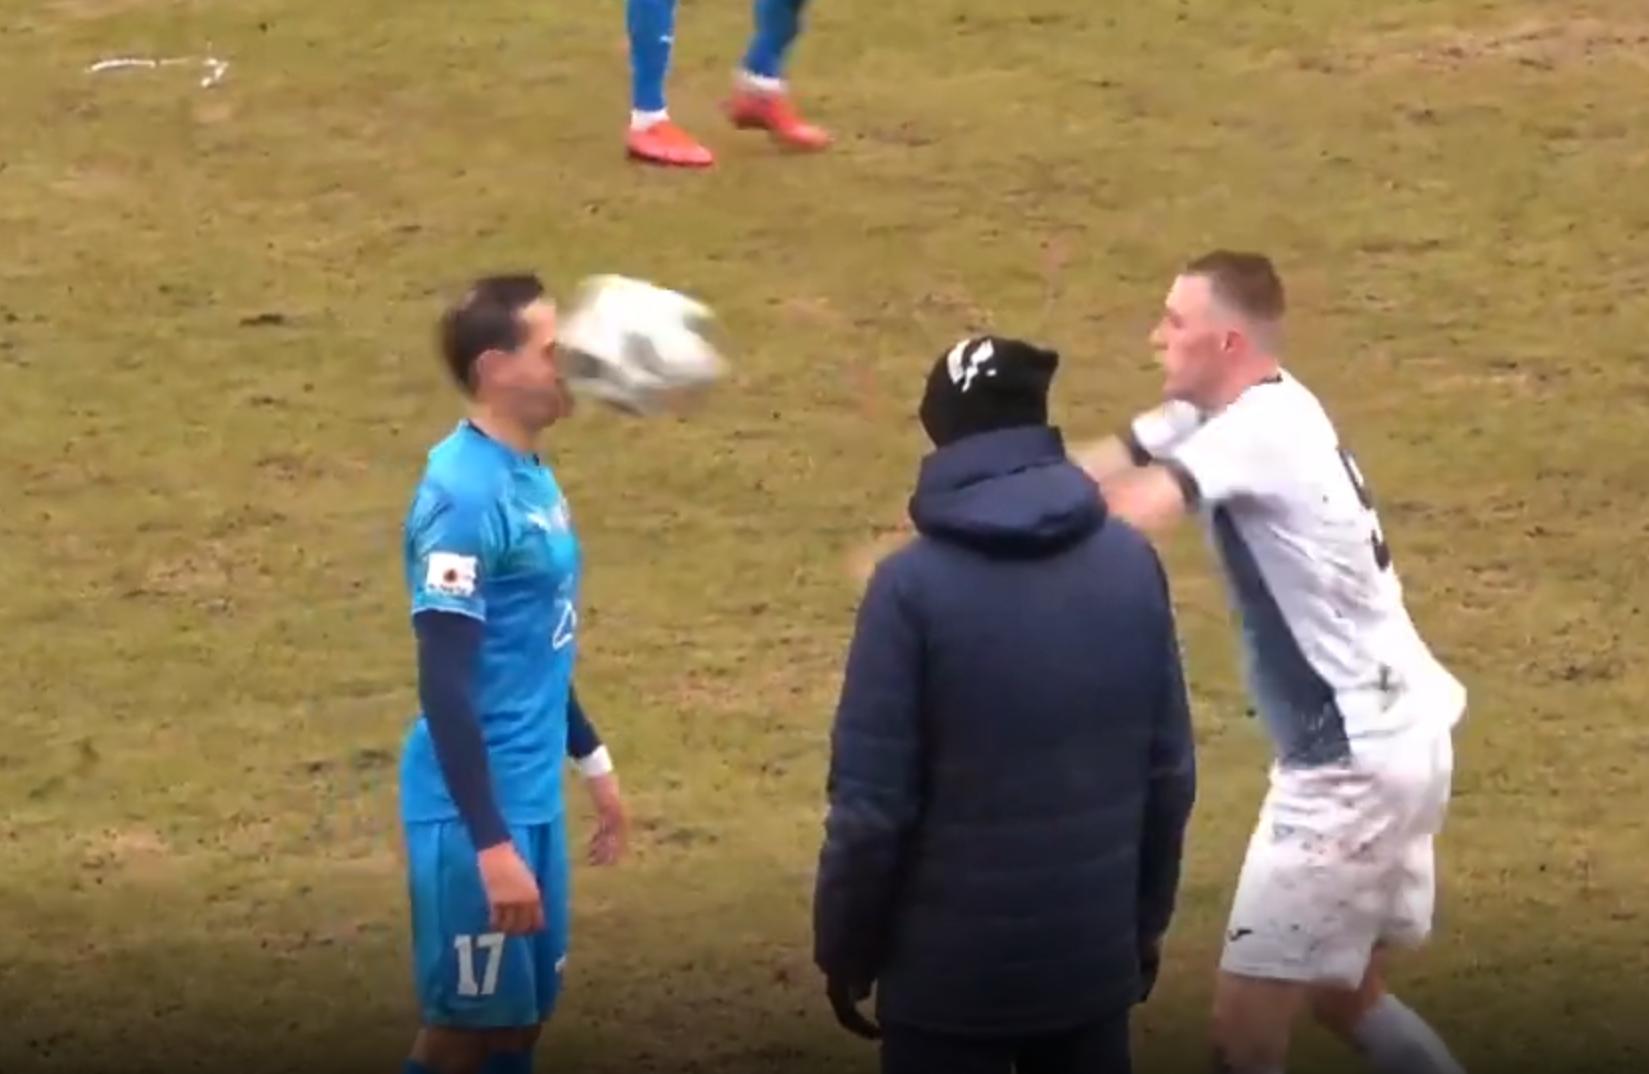 «Это Челябинск, детка». Футболист на эмоциях залепил сопернику в лоб мячом ВИДЕО